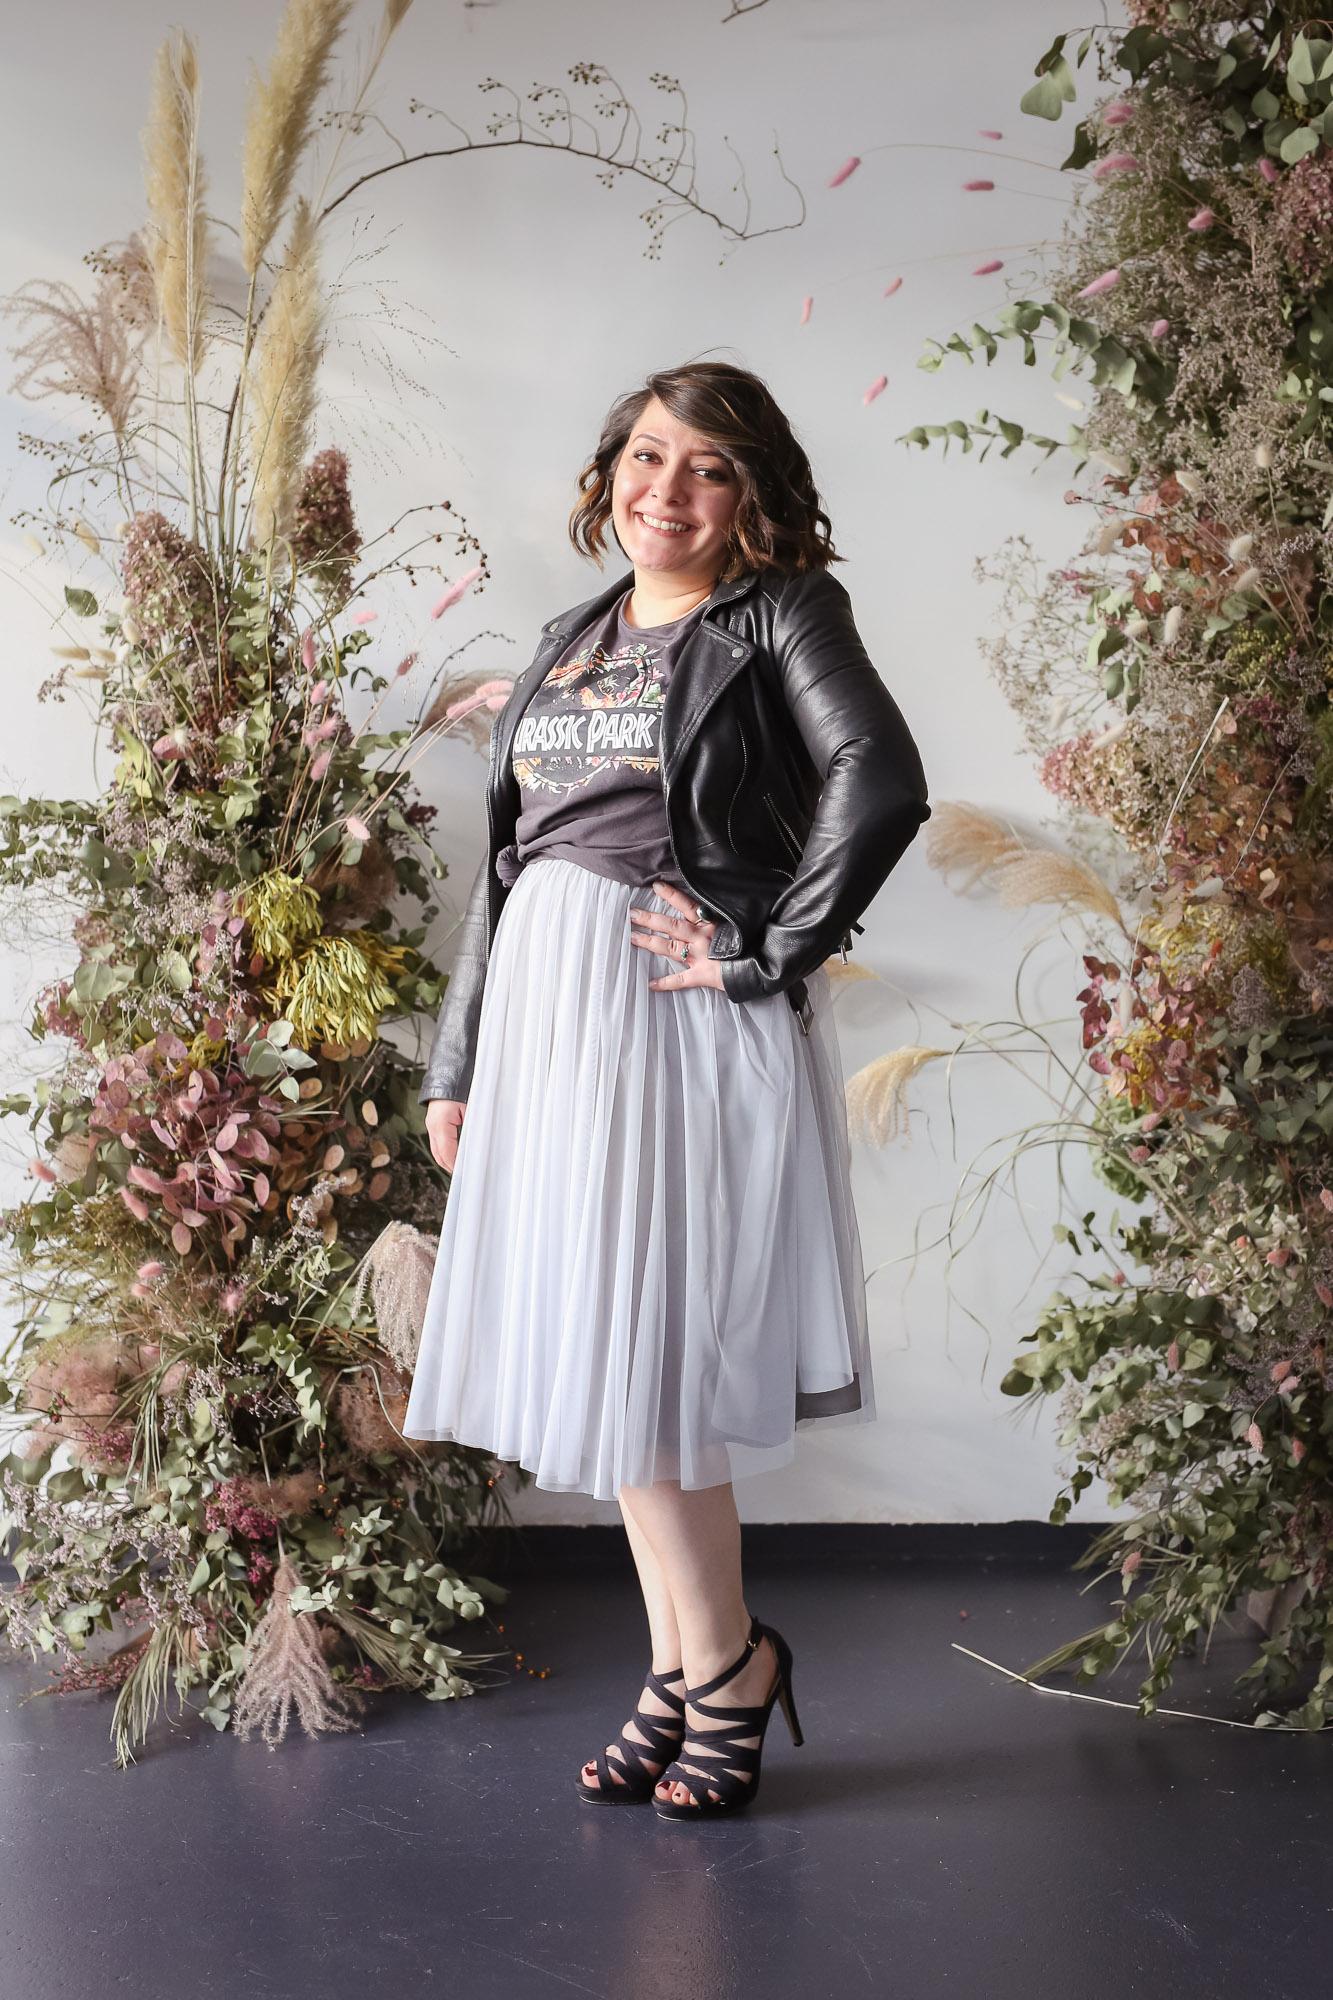 noni Brautkleider, kurzer Softtüllrock in Grau mit schwarzer Lederjacke und buntem T-Shirt als Styling Inspiration